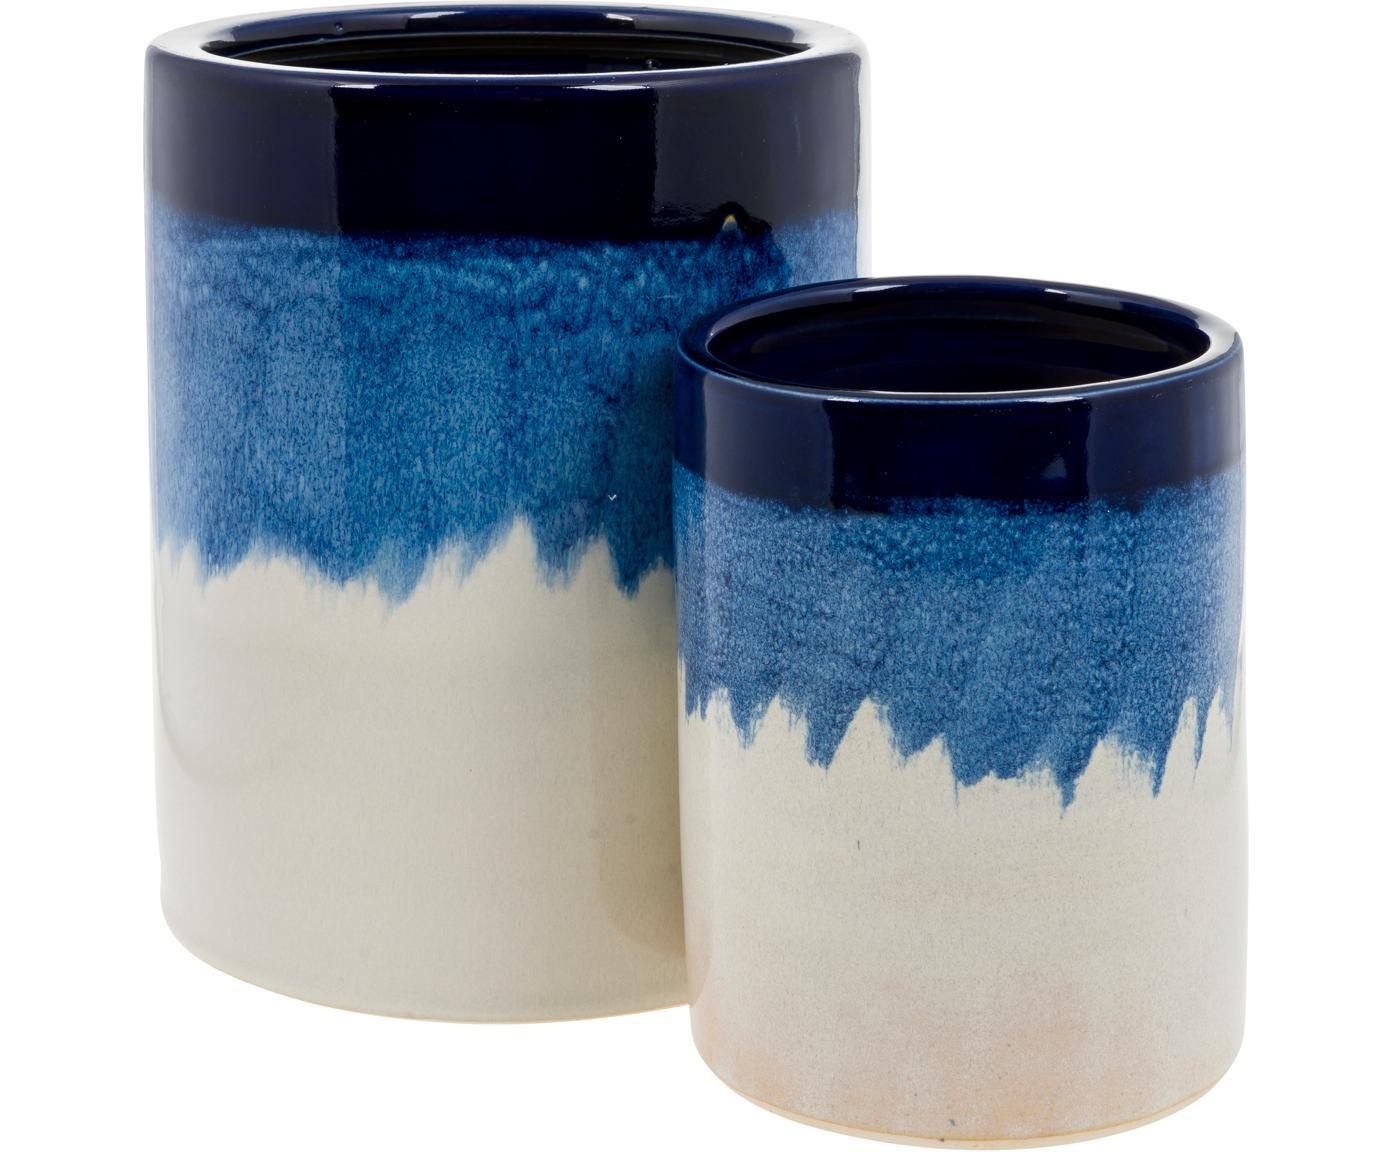 Set de maceteros Bora, 2pzas., Gres, Azul, blanco crudo, Tamaños diferentes